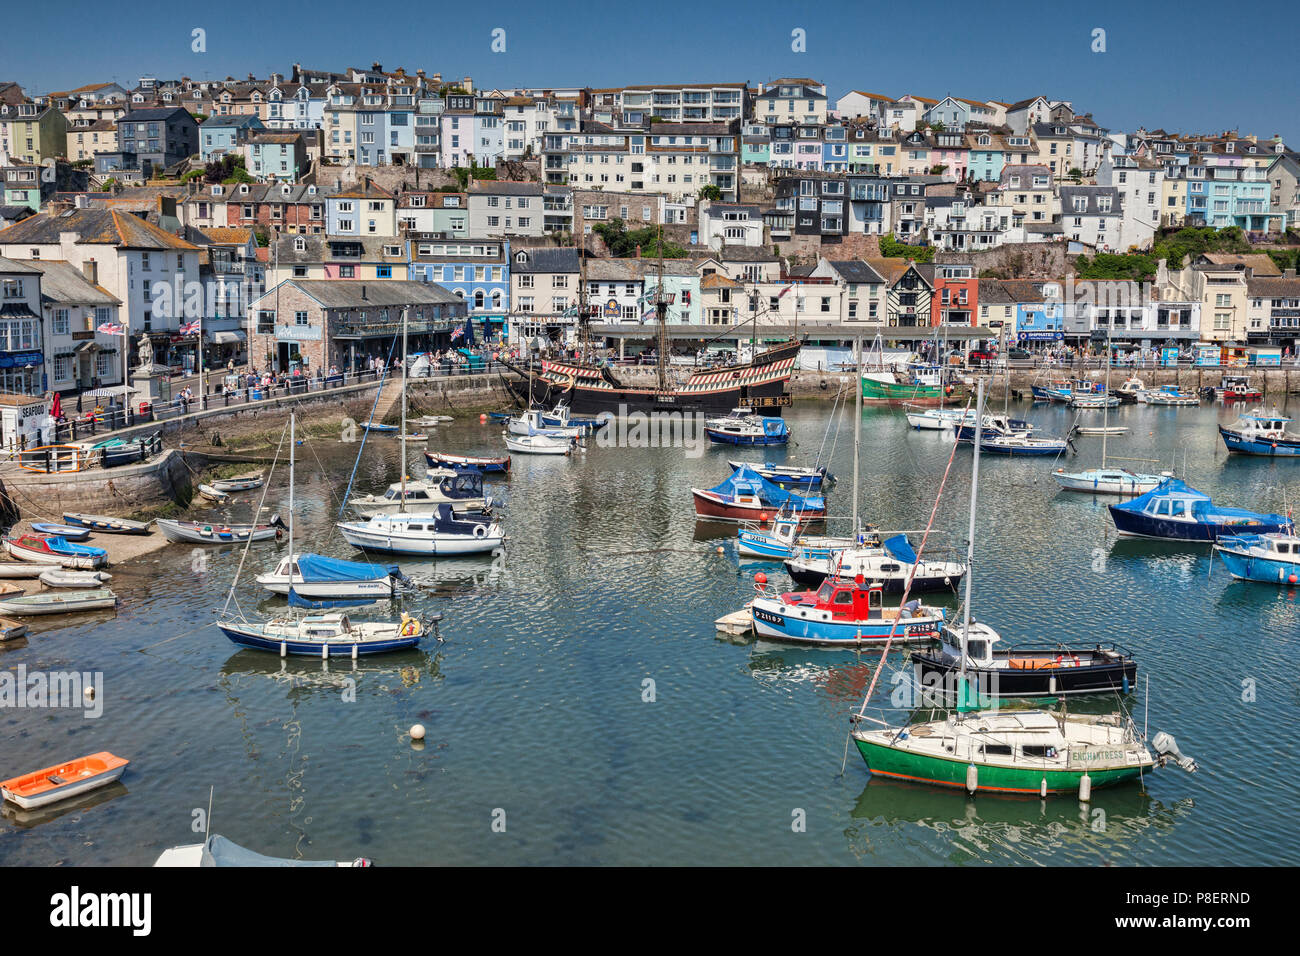 23 Mai 2018: Brixham, Devon, UK - le port avec la réplique Golden Hind sur une belle journée de printemps avec ciel bleu clair. Photo Stock